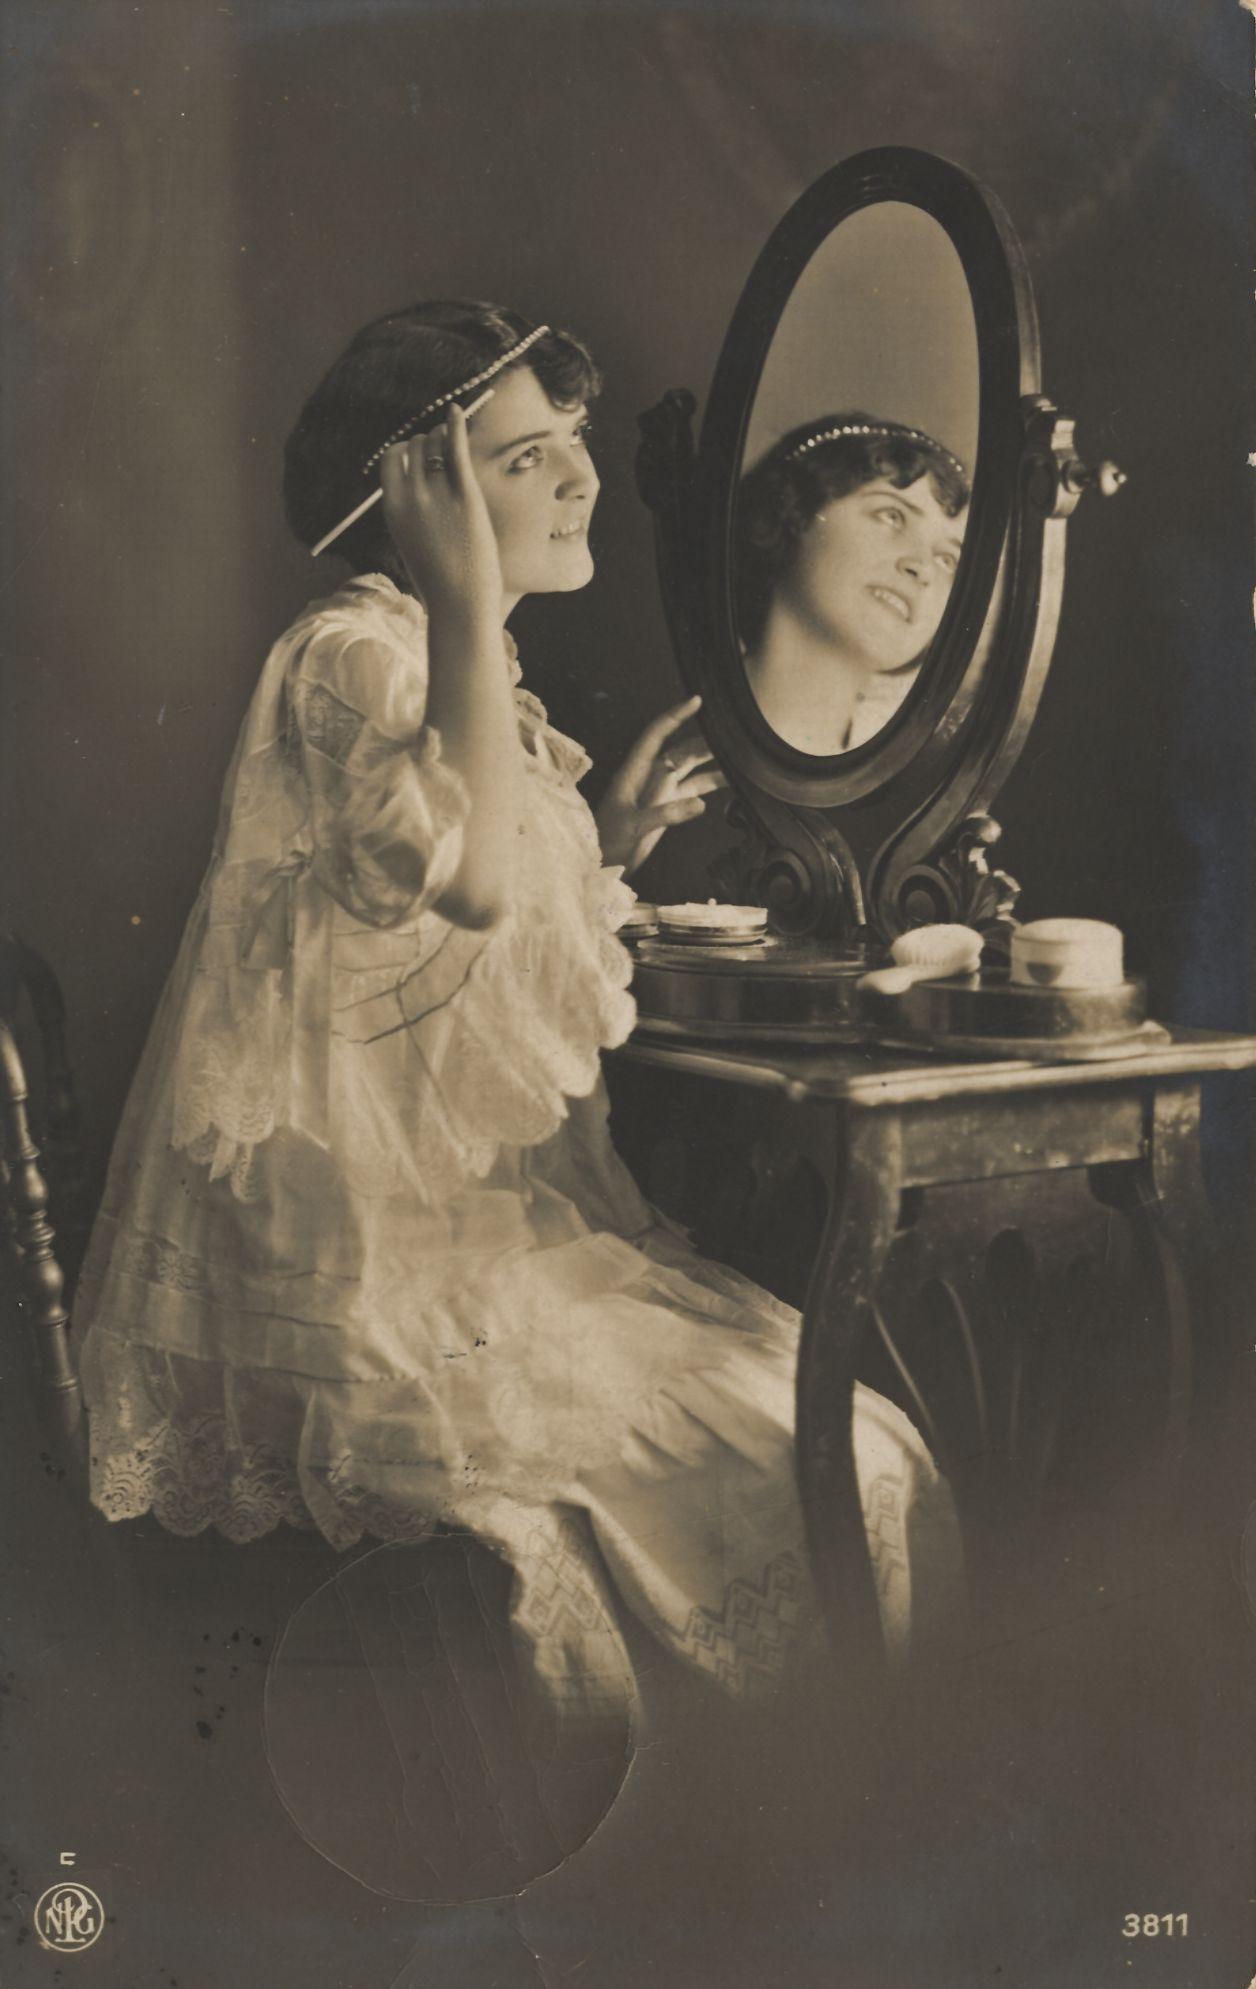 Vintage Woman In Boudoir By Mementomori Stock On Deviantart Vintage Vanity Vintage Ladies Vintage Photography